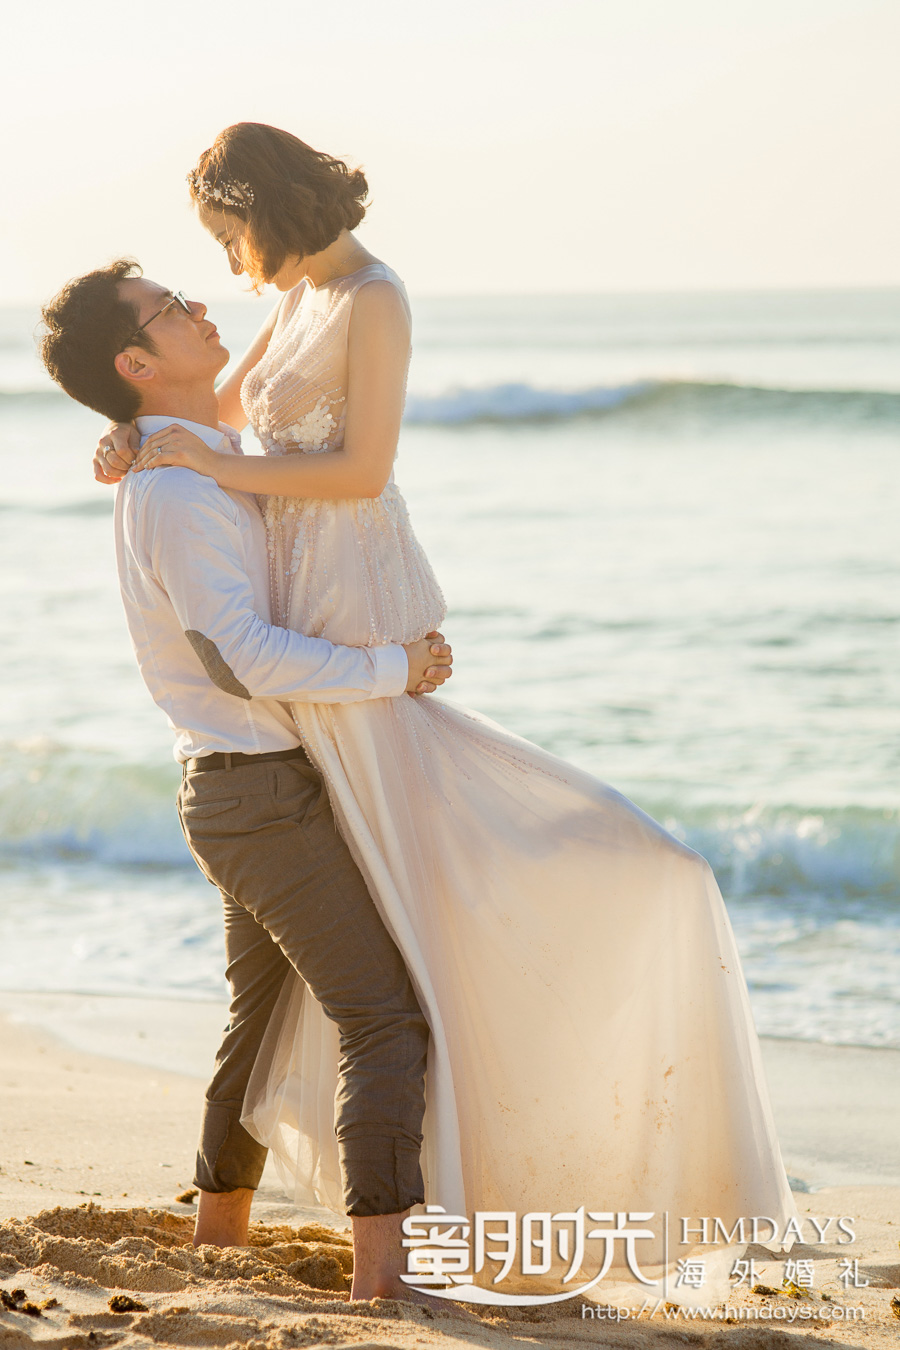 蓝点教堂婚礼+3小时落日沙滩外景|海外婚礼|海外婚纱摄影|照片